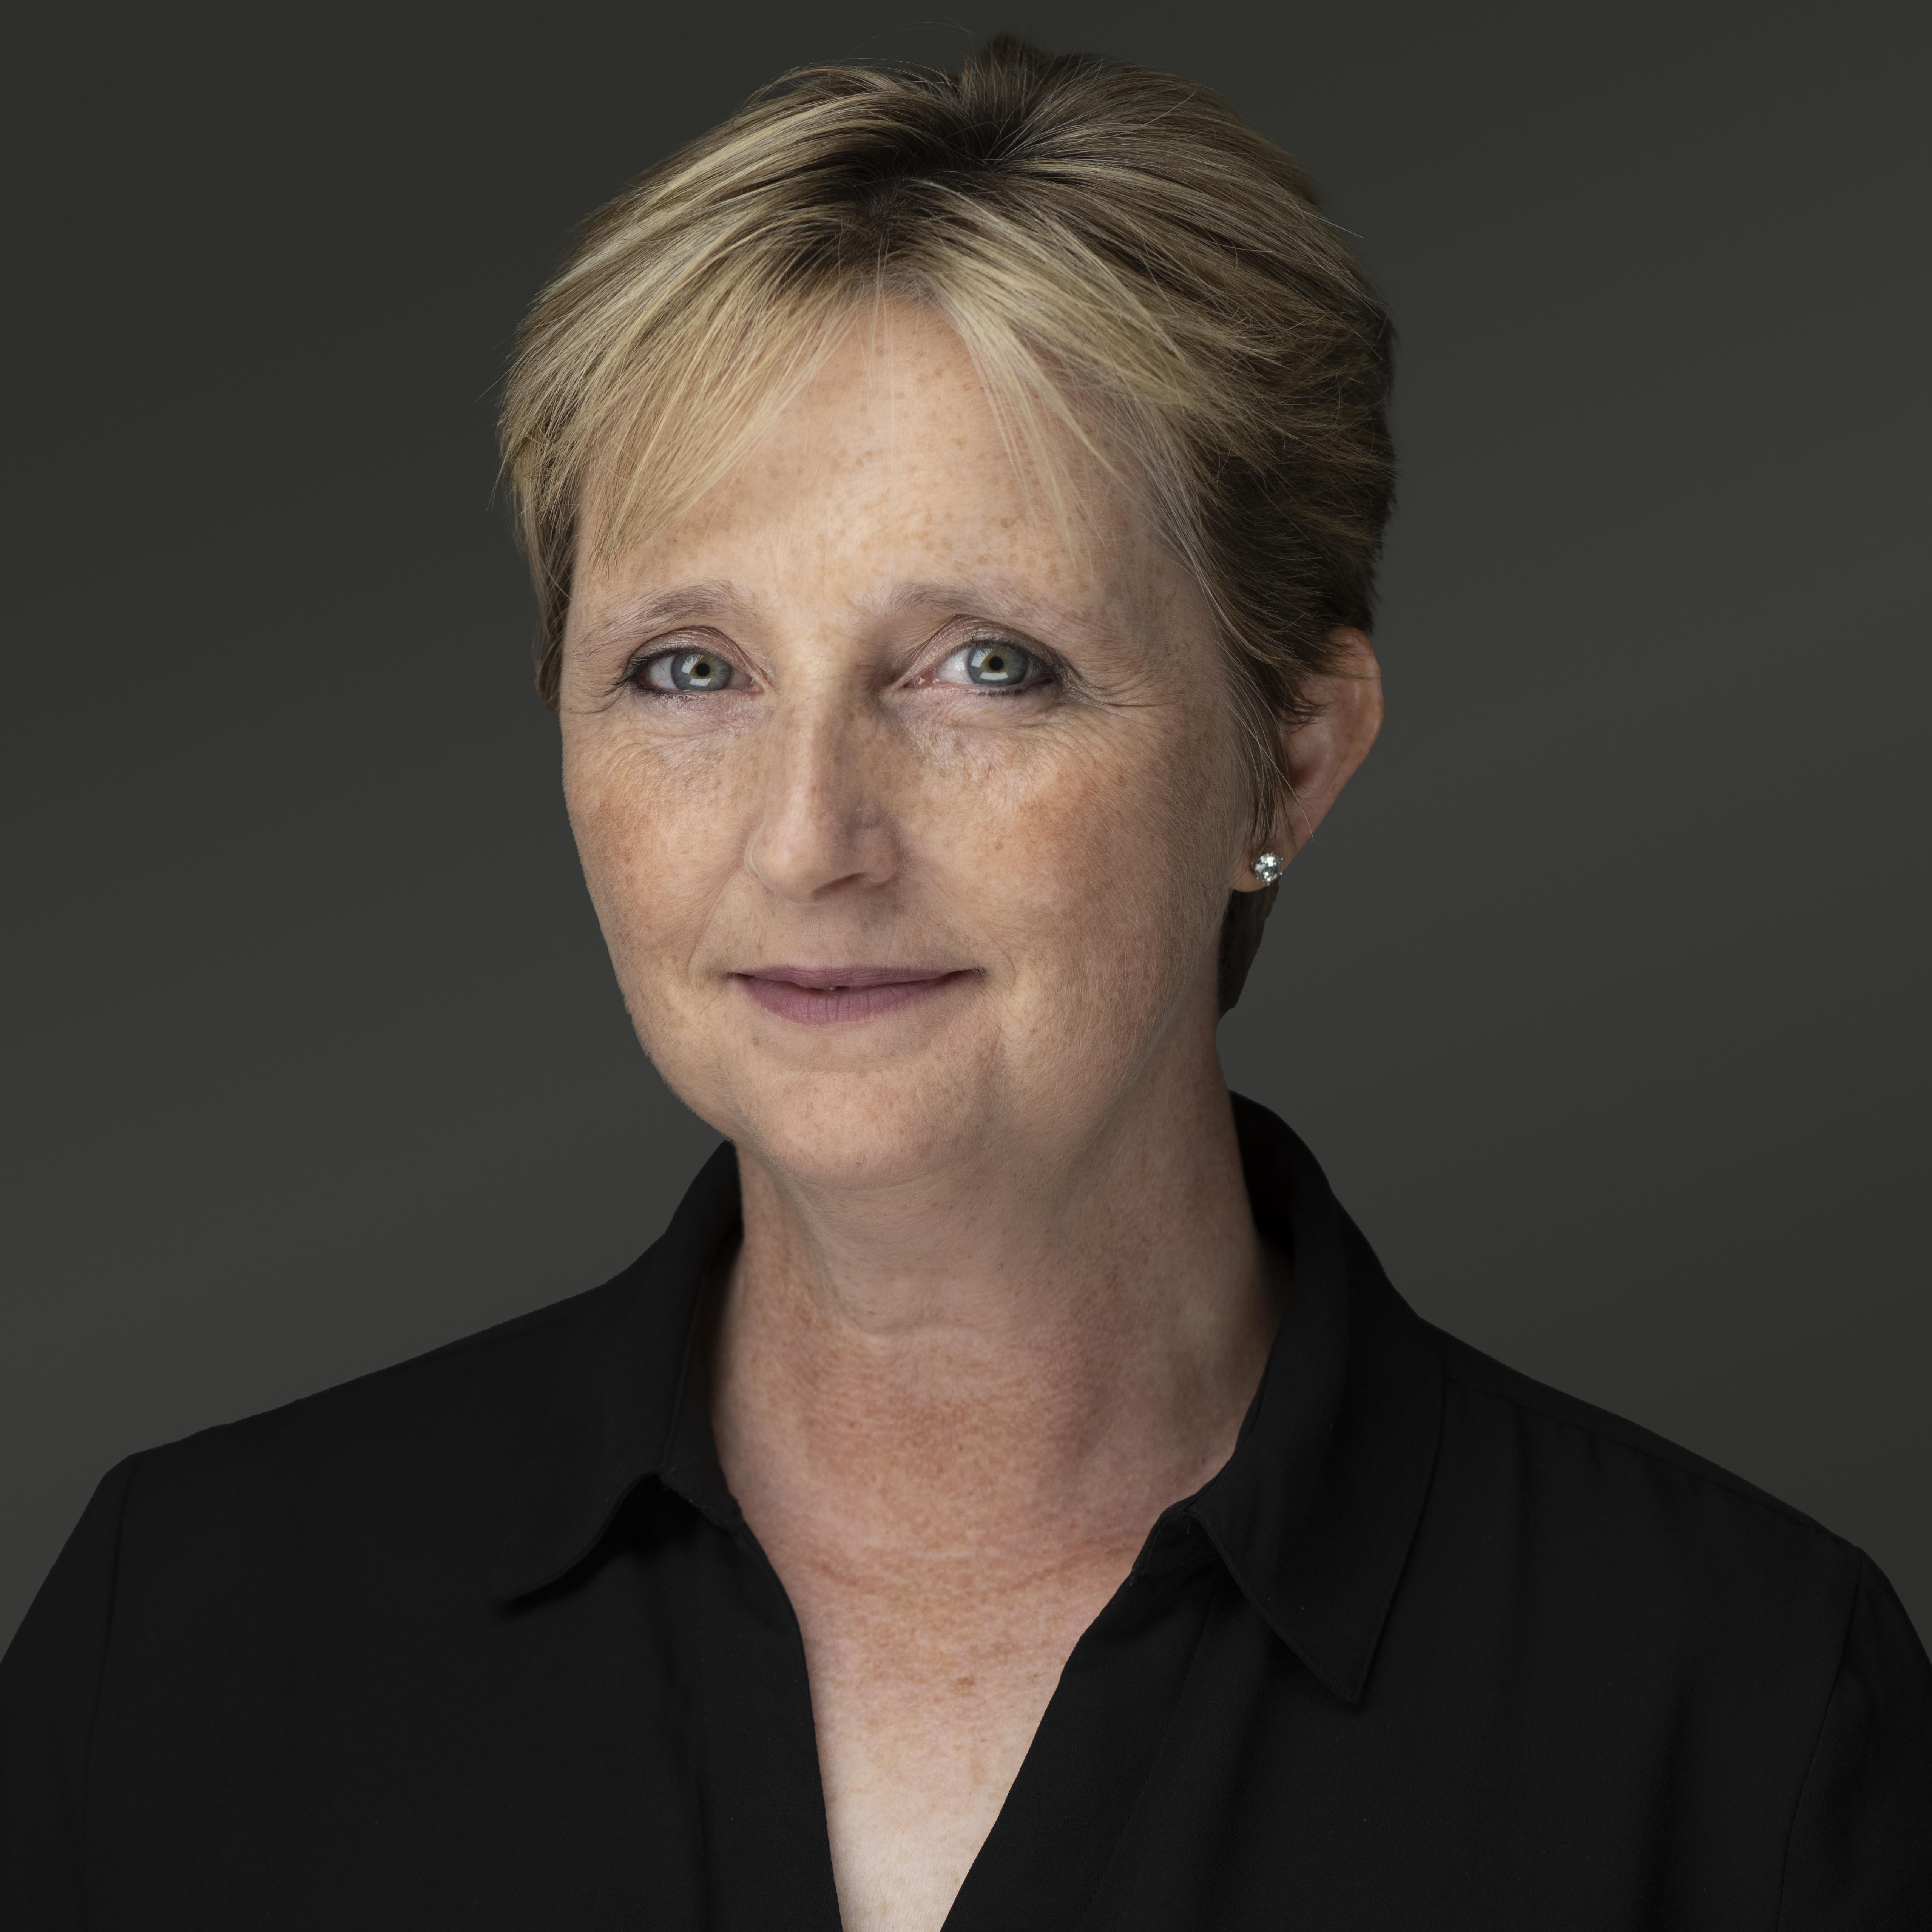 Katrina Hamilton